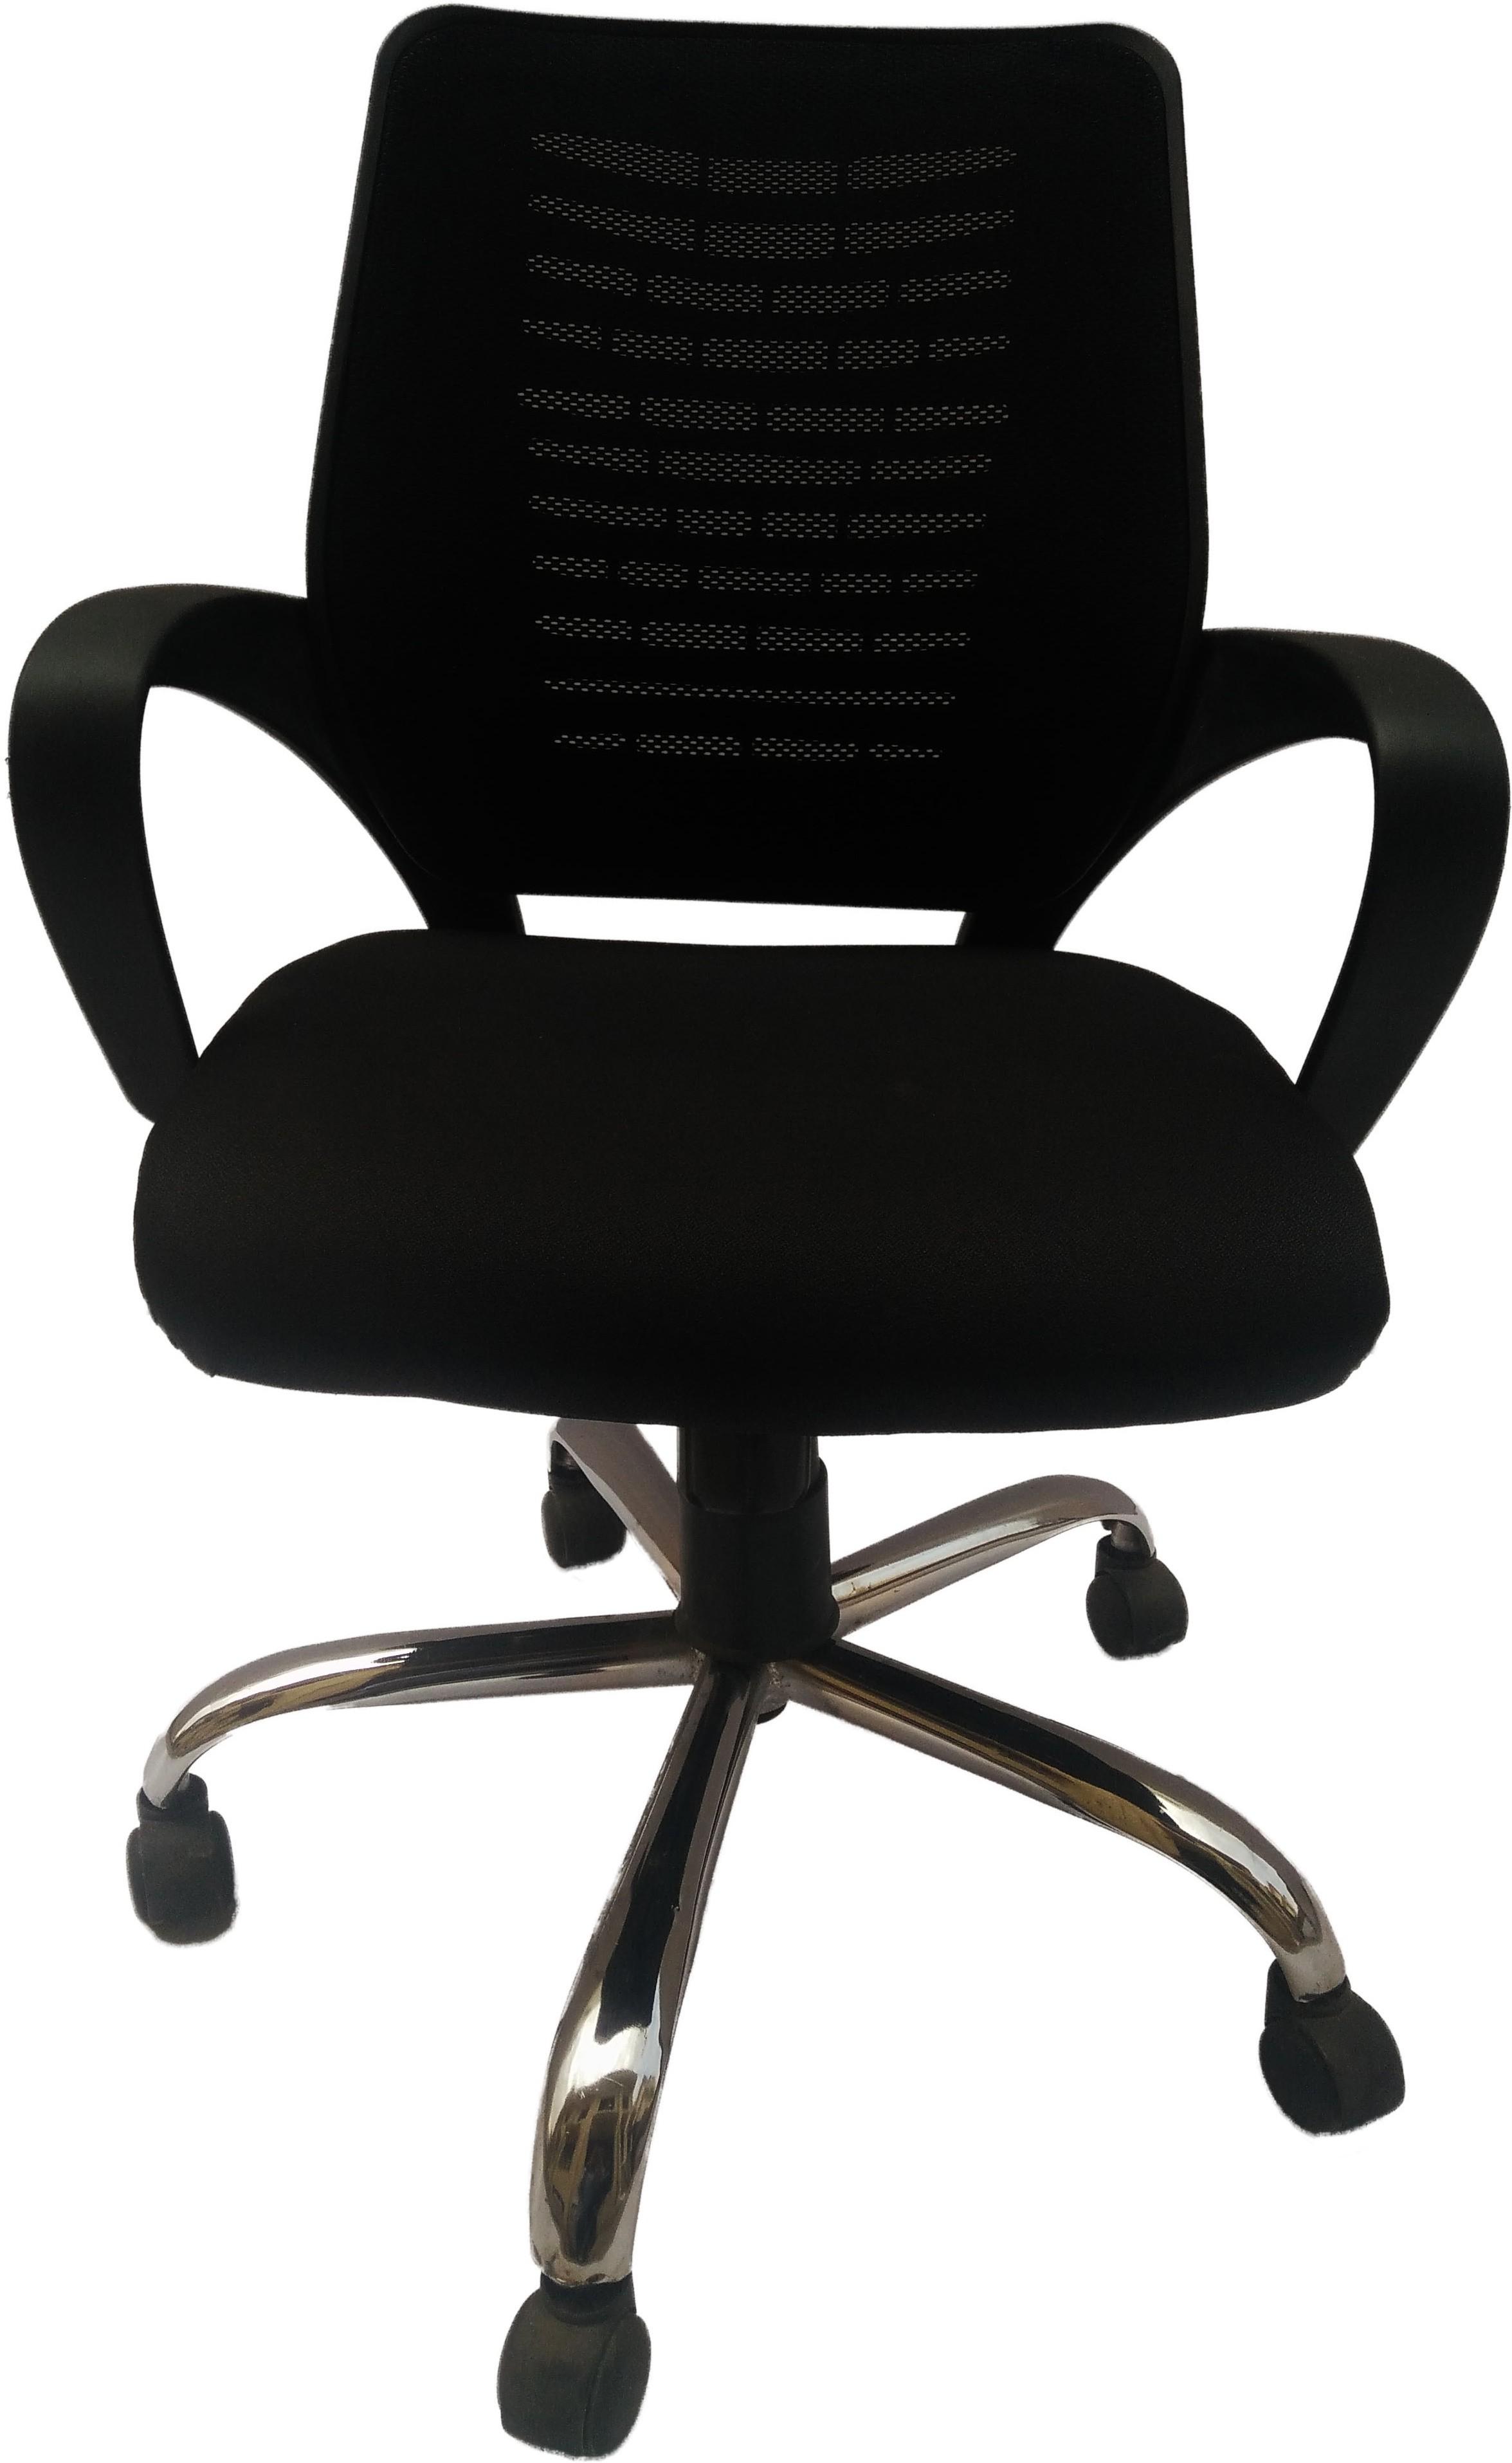 View Sogno SOGNO Fabric Office Chair(Black) Furniture (Sogno)